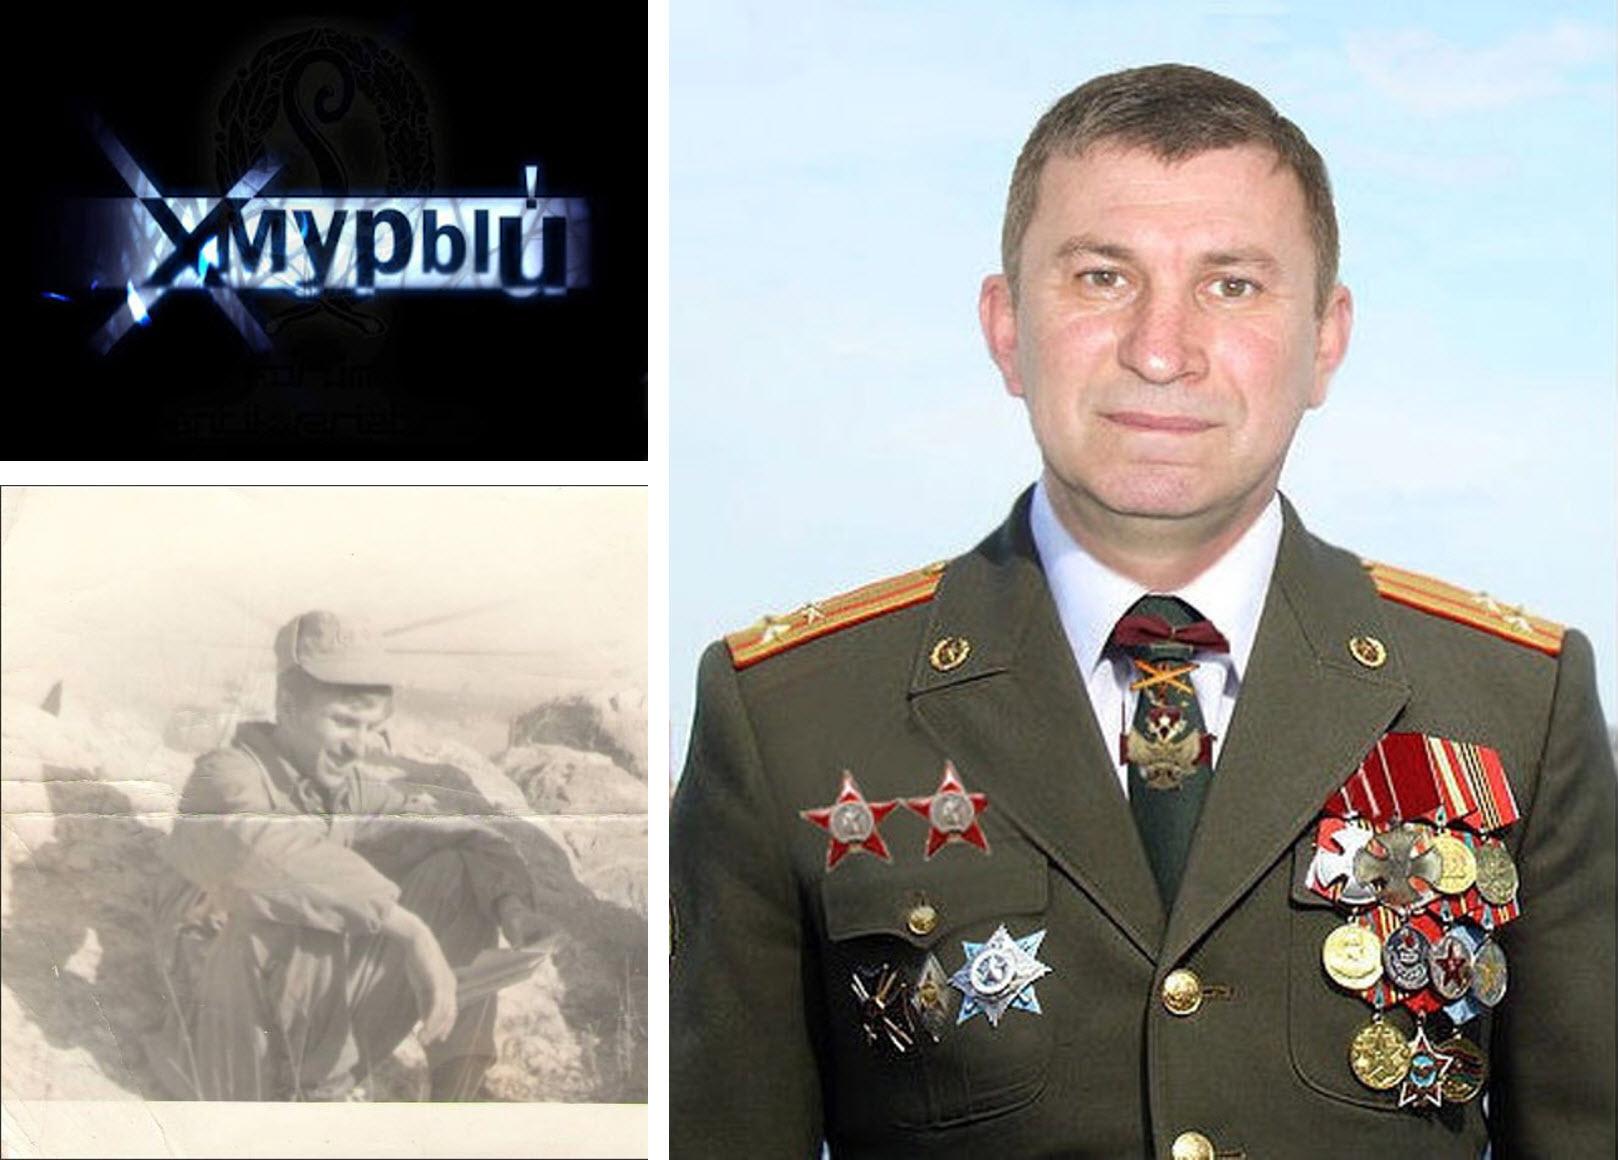 Сергей Дубинский с позывным Хмурый — уважаемый русский военный,  по приказу путина сбивший MH17  из «Бука»